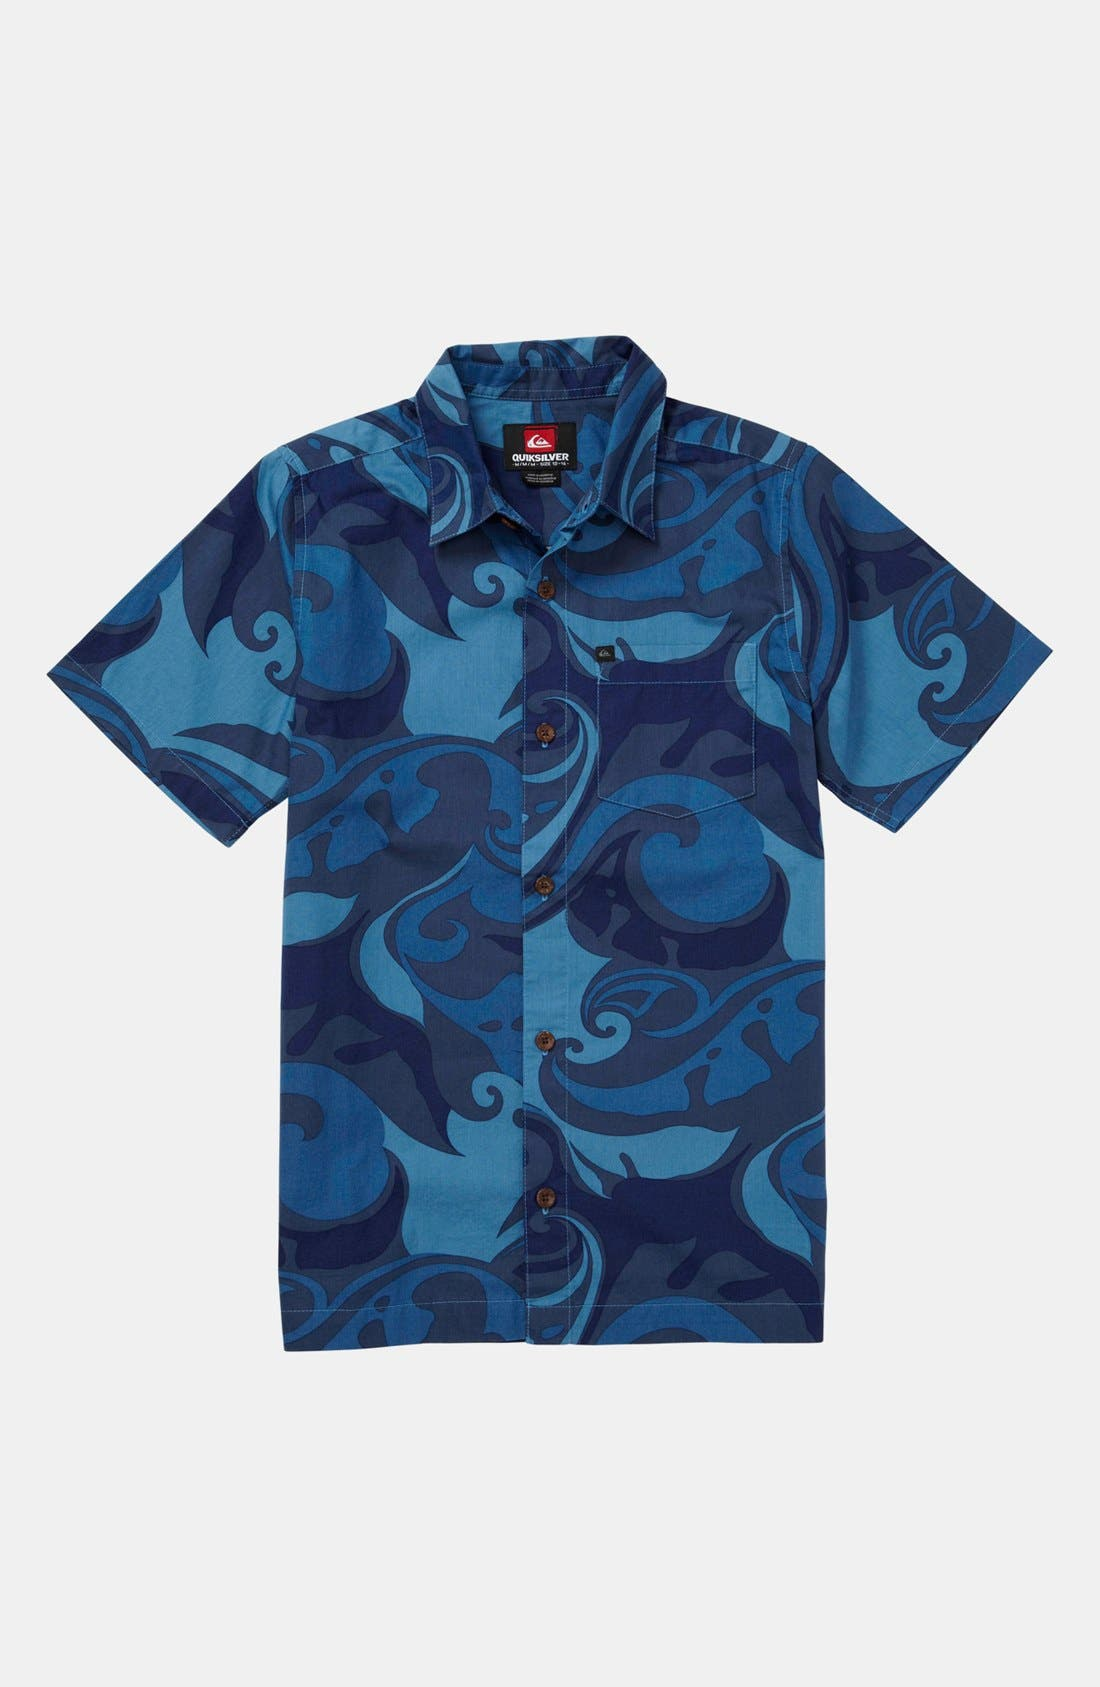 Main Image - Quiksilver 'Moku' Shirt (Little Boys & Big Boys)